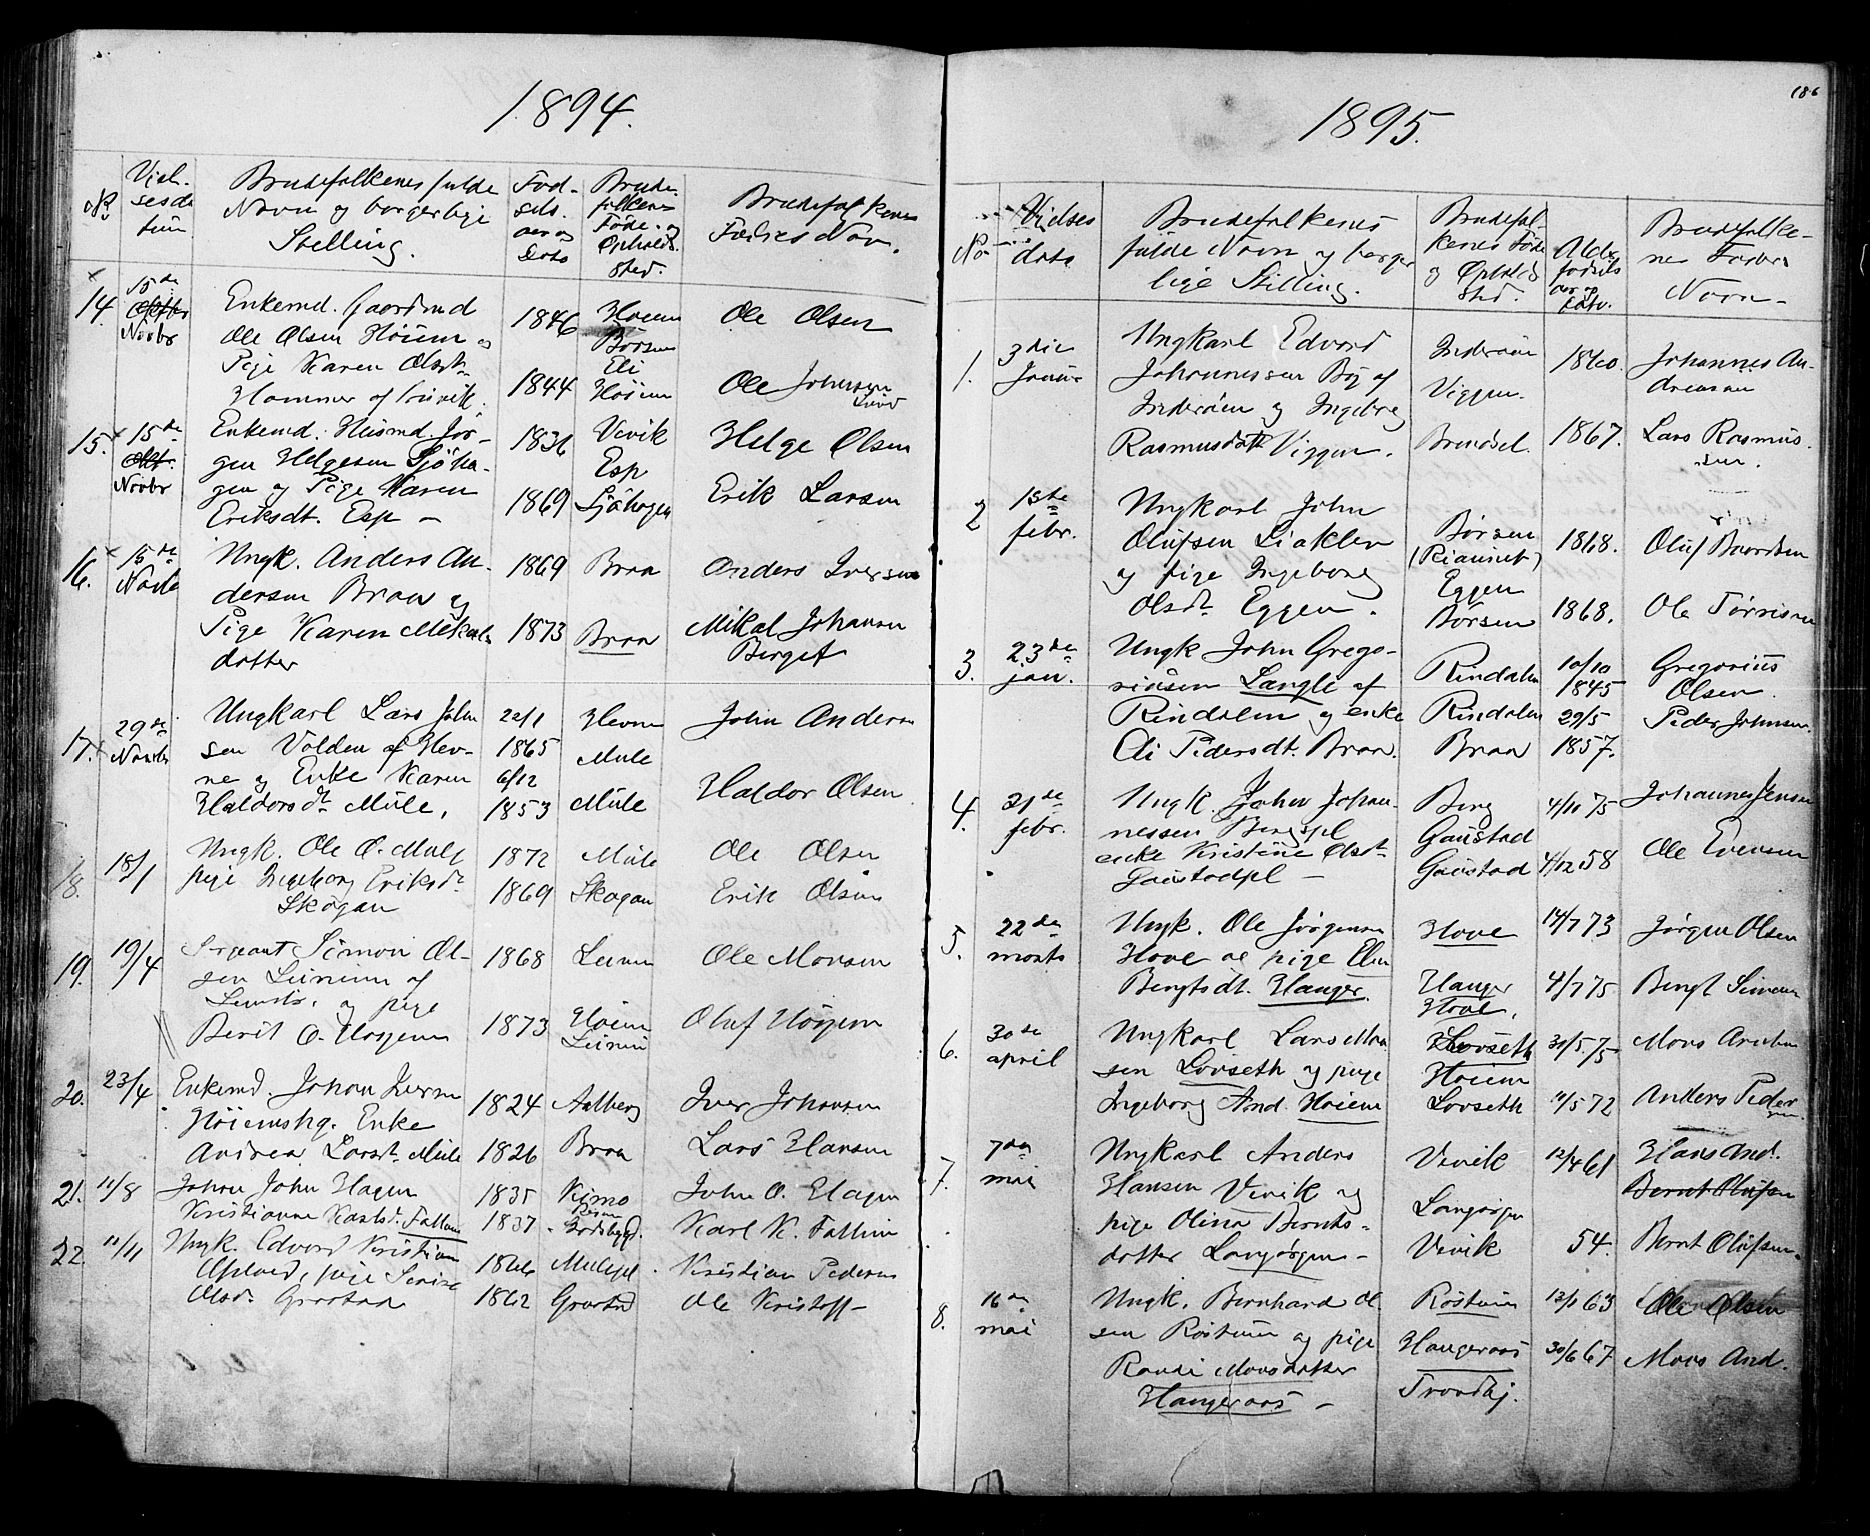 SAT, Ministerialprotokoller, klokkerbøker og fødselsregistre - Sør-Trøndelag, 612/L0387: Klokkerbok nr. 612C03, 1874-1908, s. 186